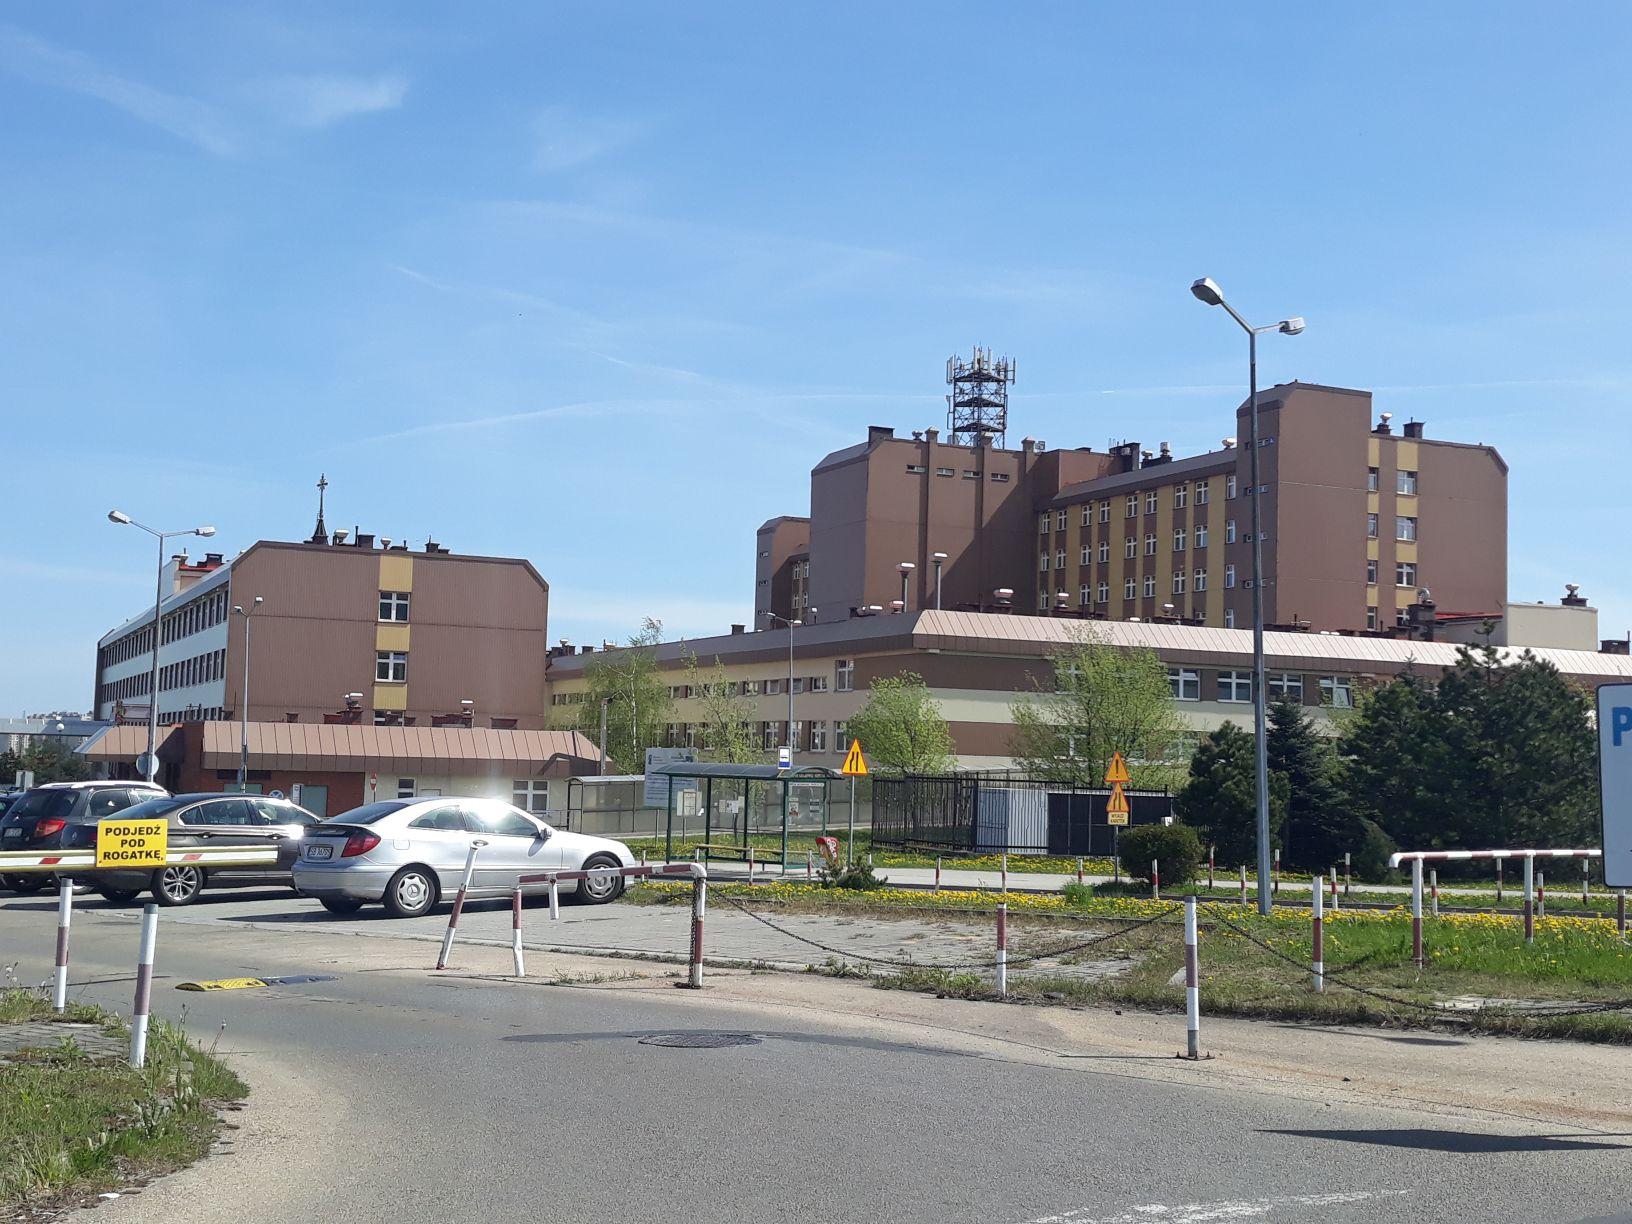 Szpital Wojewódzki w Bielsku-Białej zmniejsza liczbę łóżek covidowych